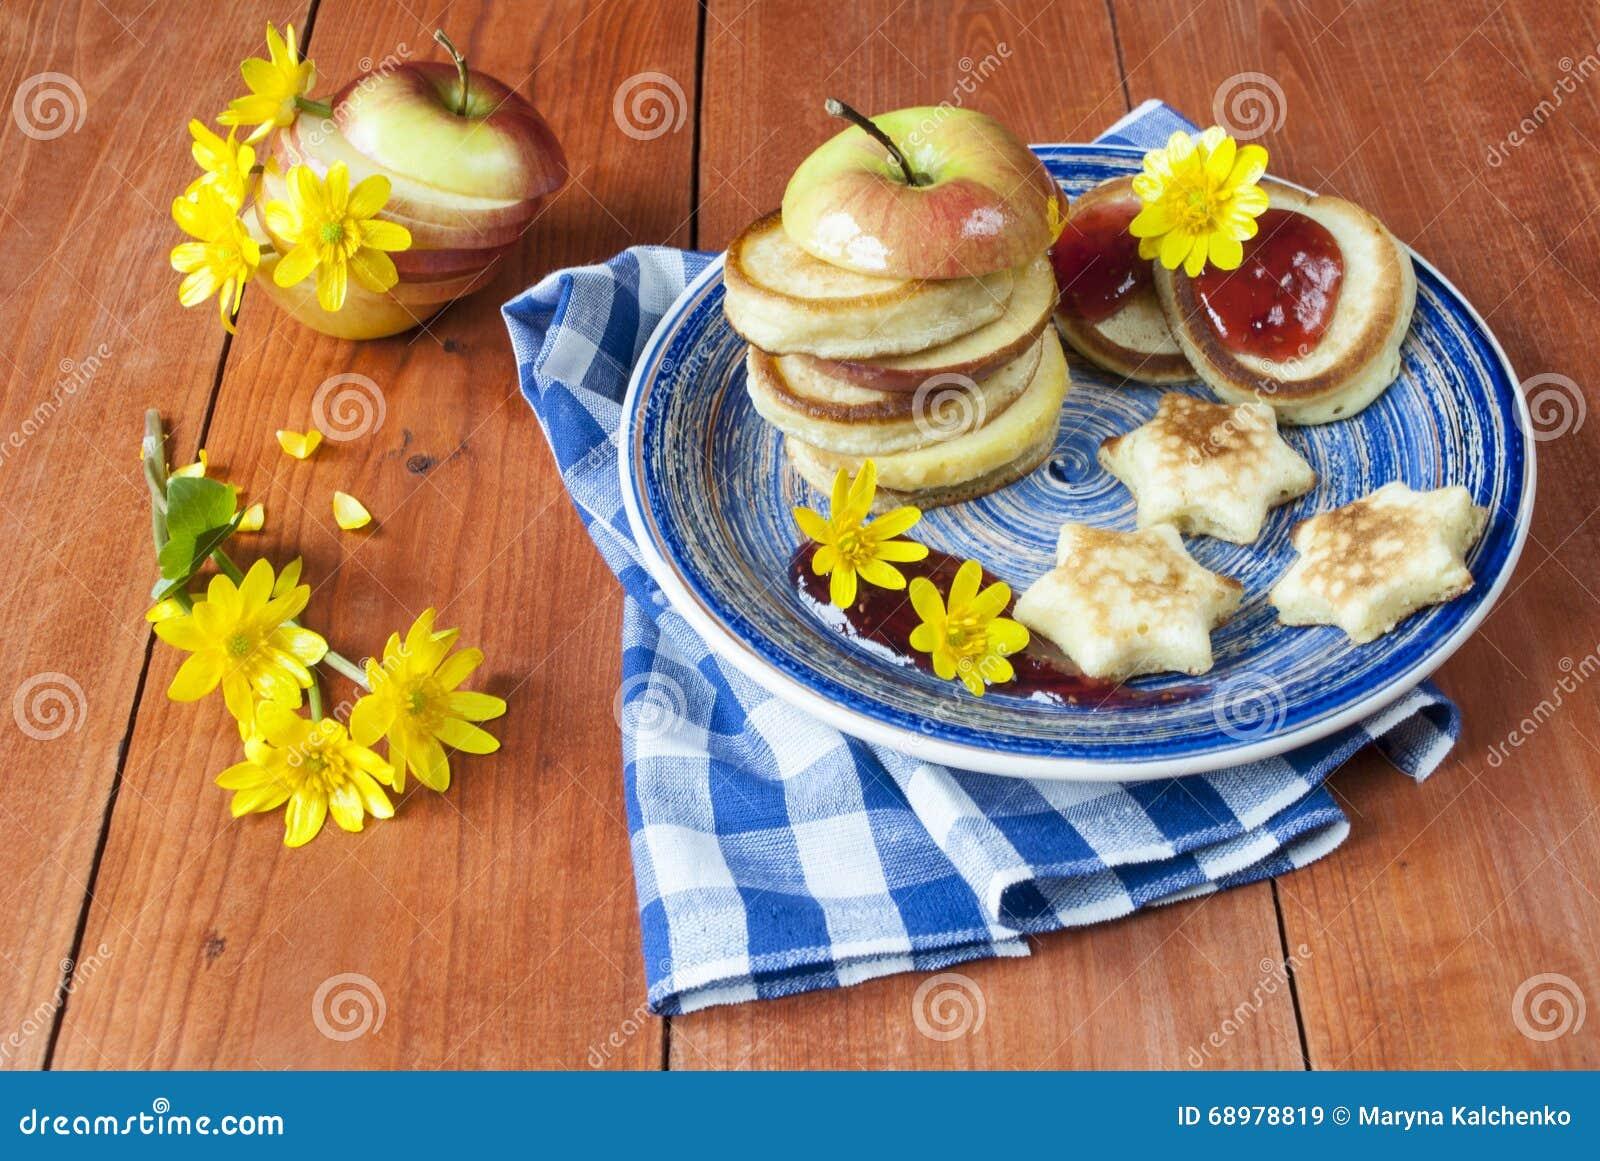 Crepes para el desayuno